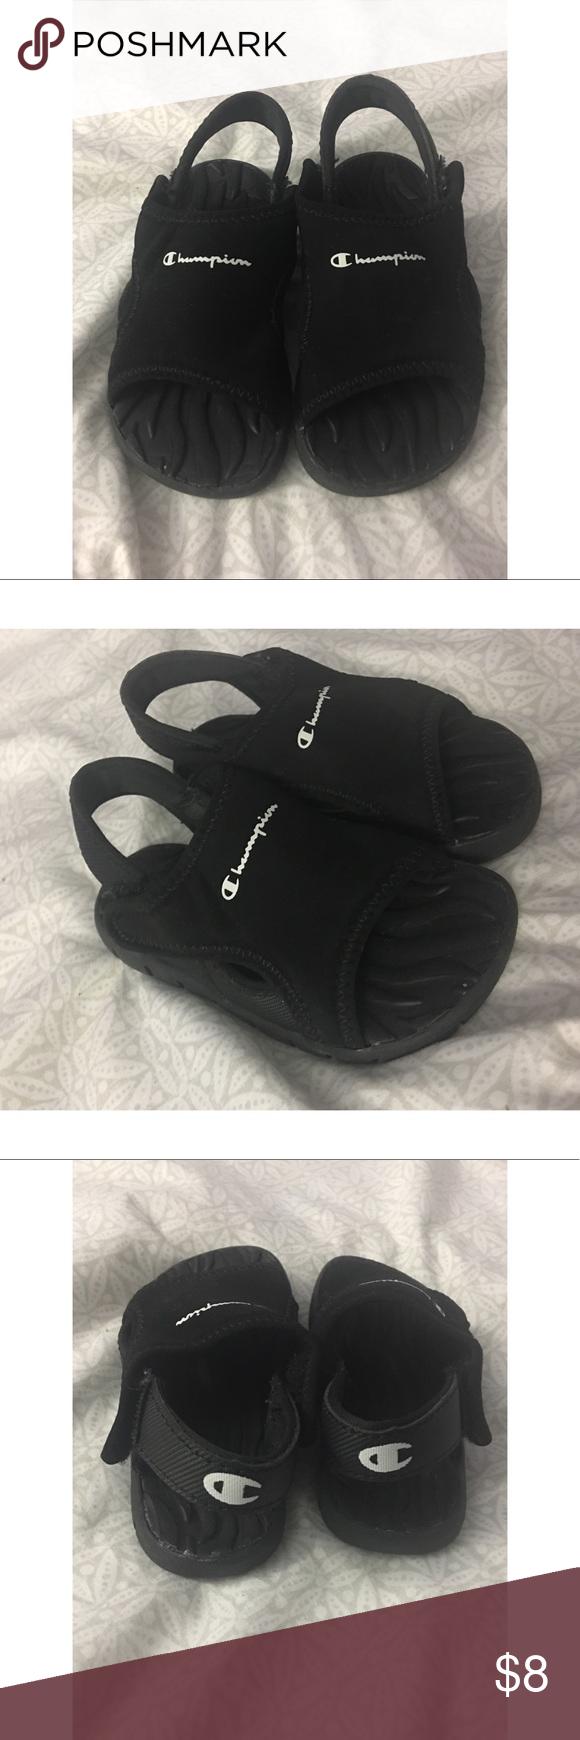 2d099807ec6787 Baby Champion Sandals